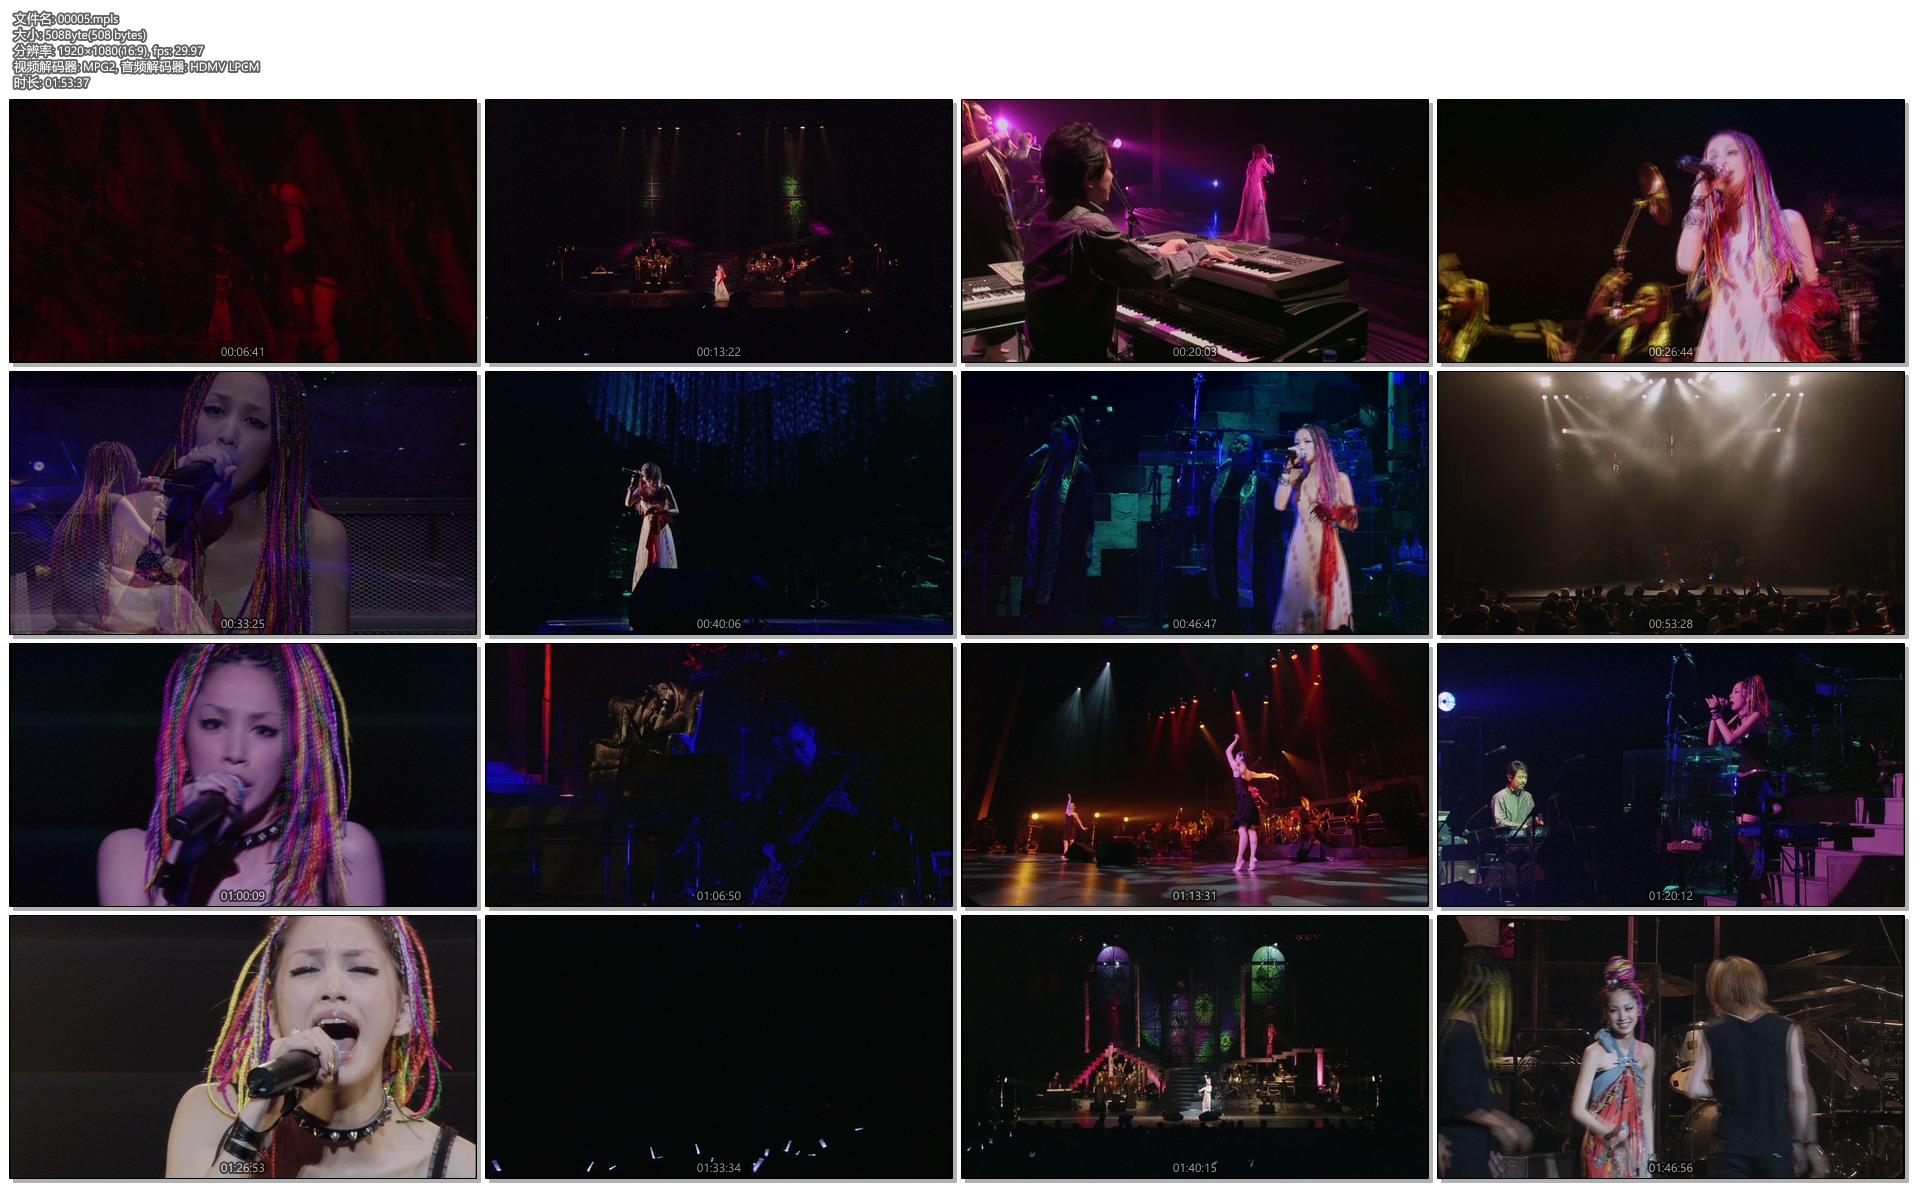 [蓝光原盘] 中岛美嘉 2005 经典演唱会Mika Nakashima LET'S MUSIC TOUR 2005《BDMV 38.49G》插图(2)